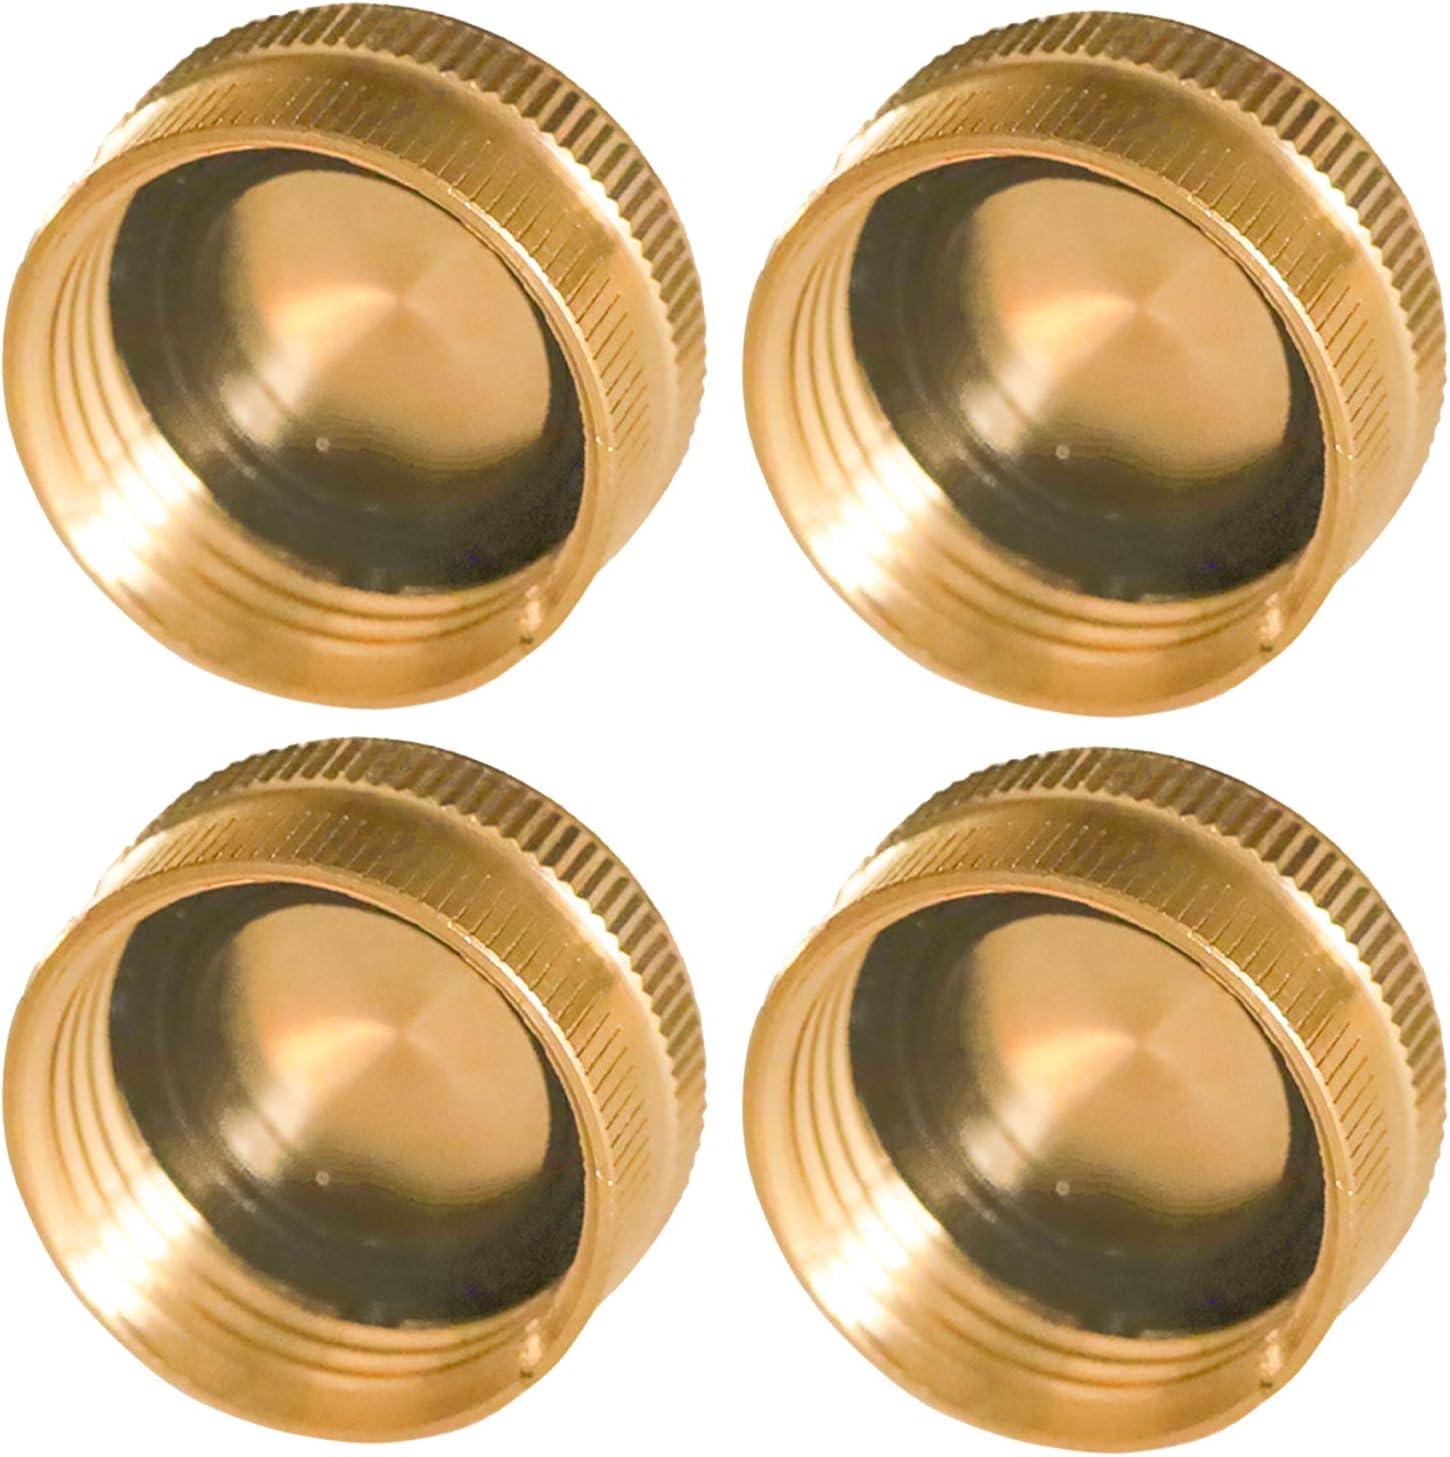 Hourleey Brass Garden Hose End Caps, 4 Pack 3/4